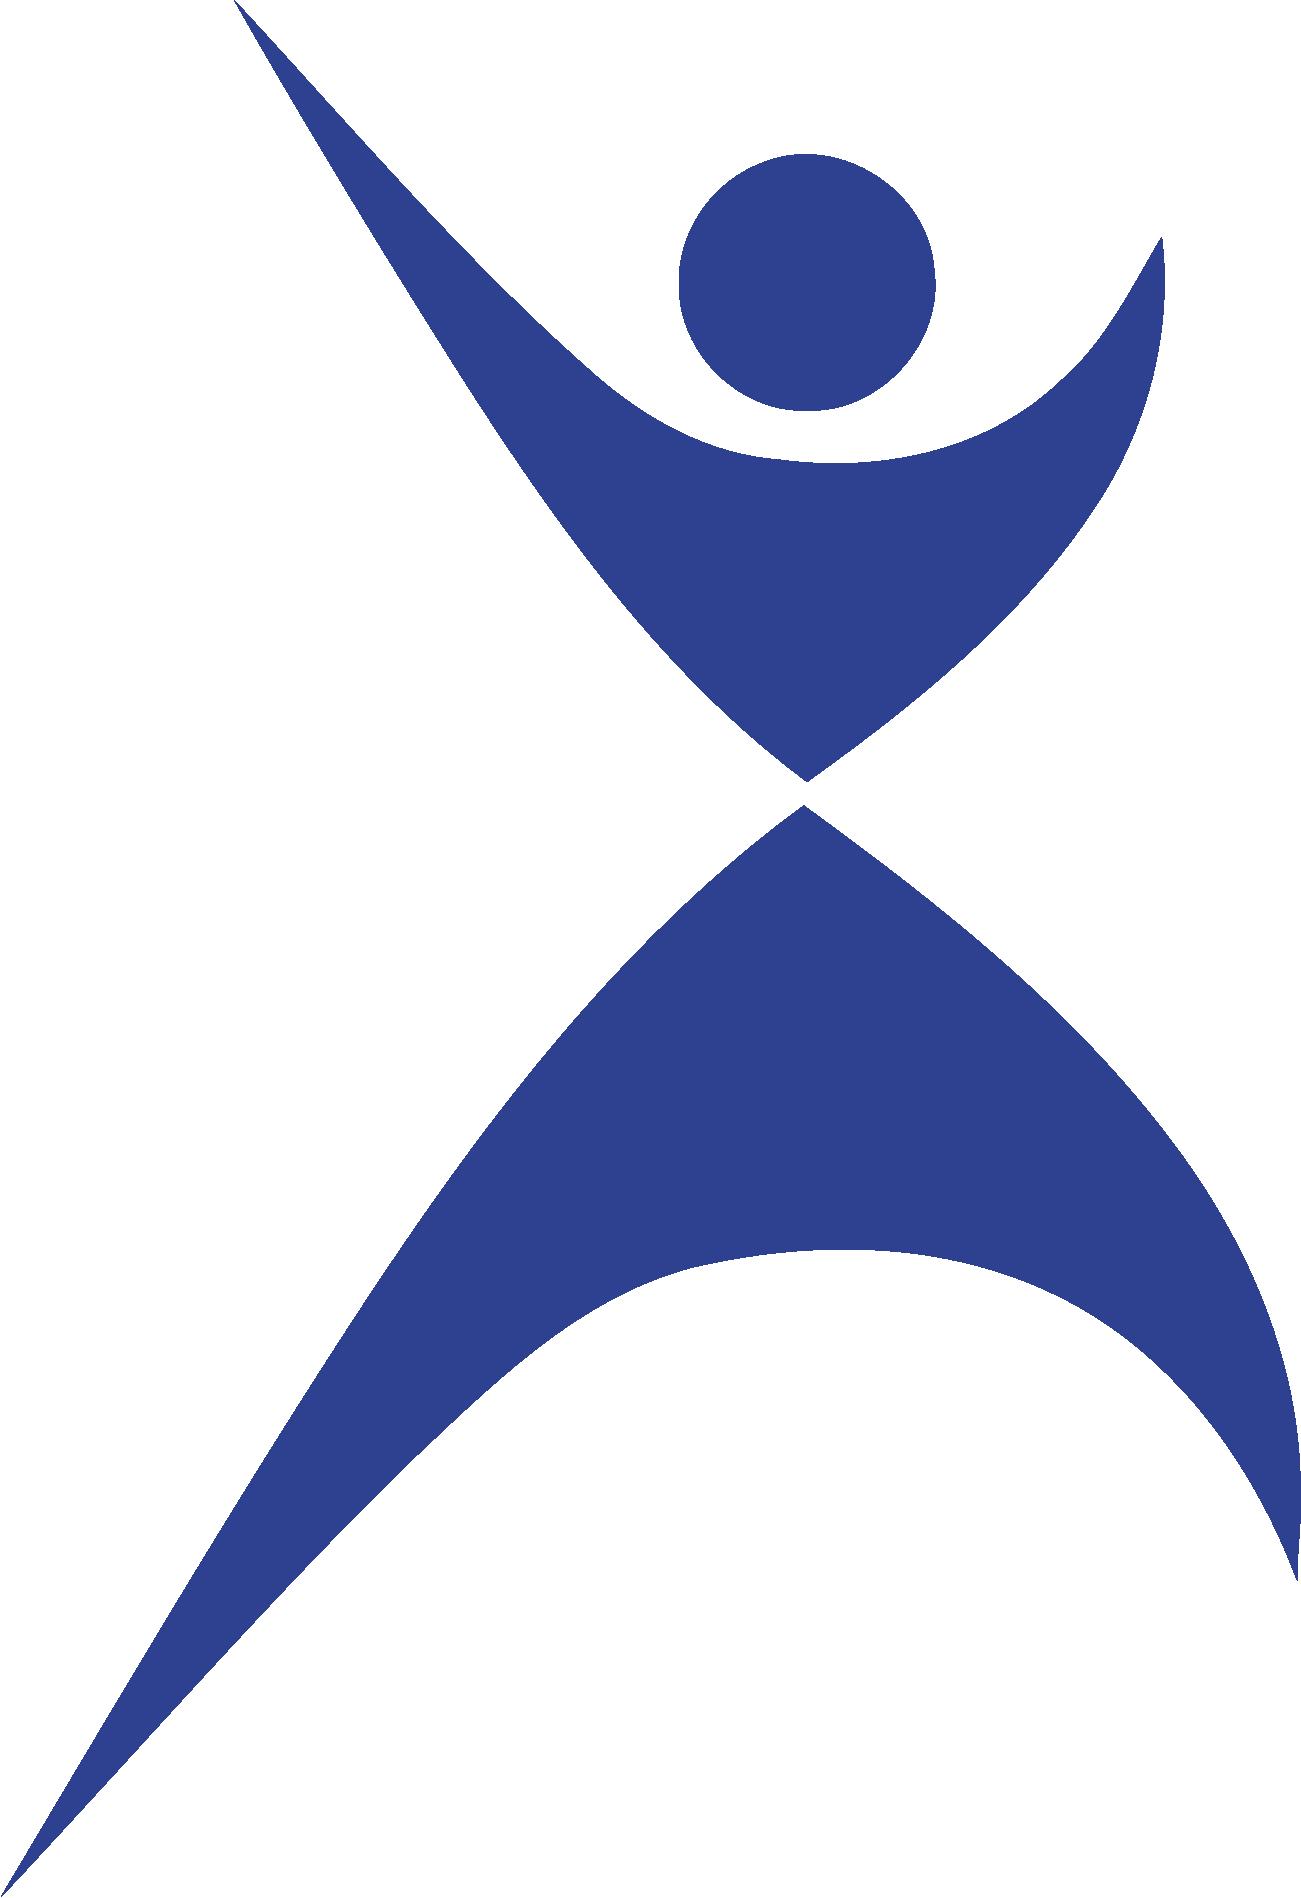 PT-blau-nur-Fugur